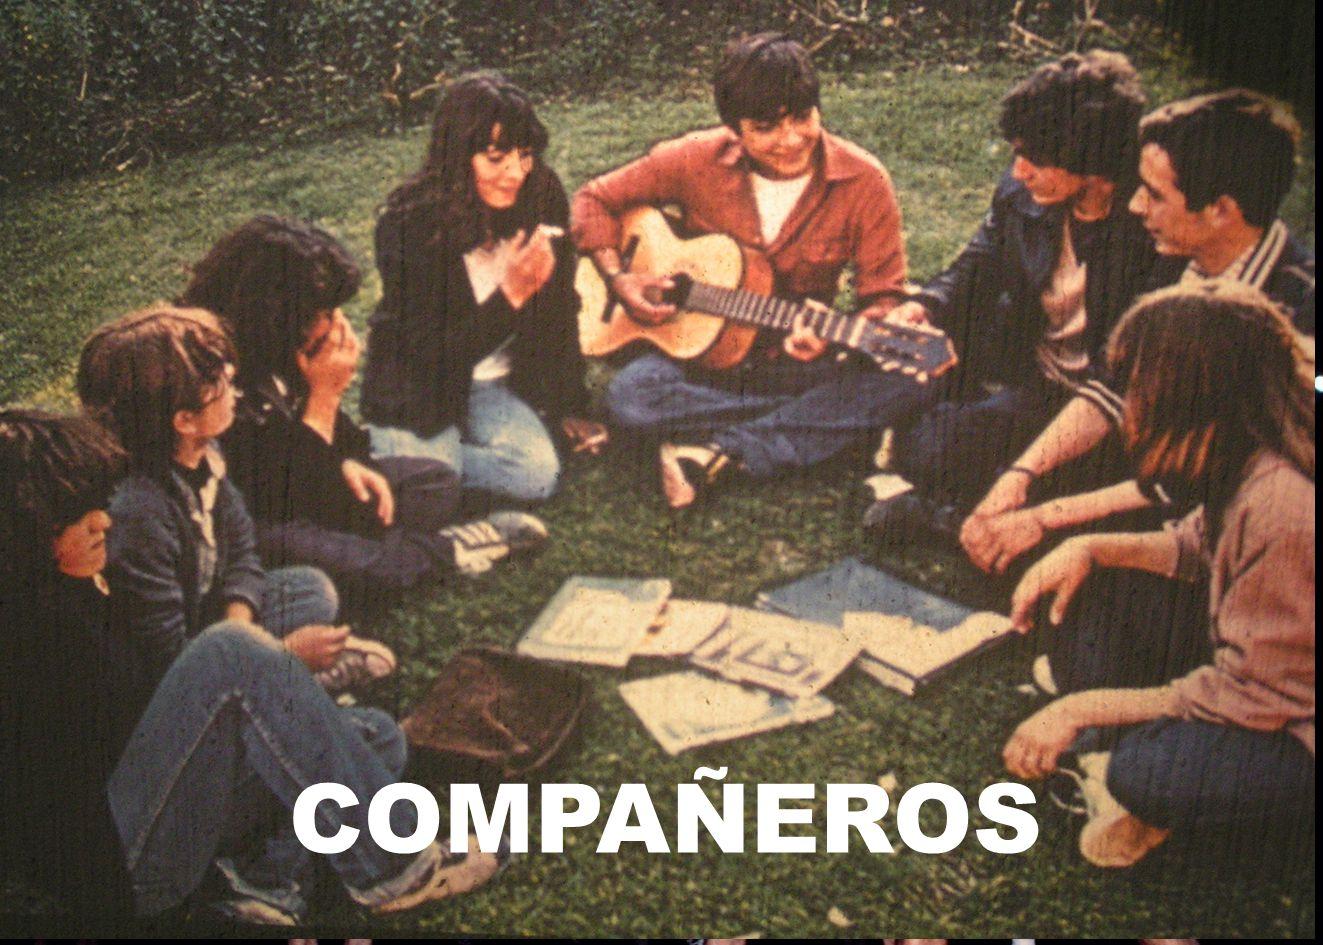 COMPAÑEROS